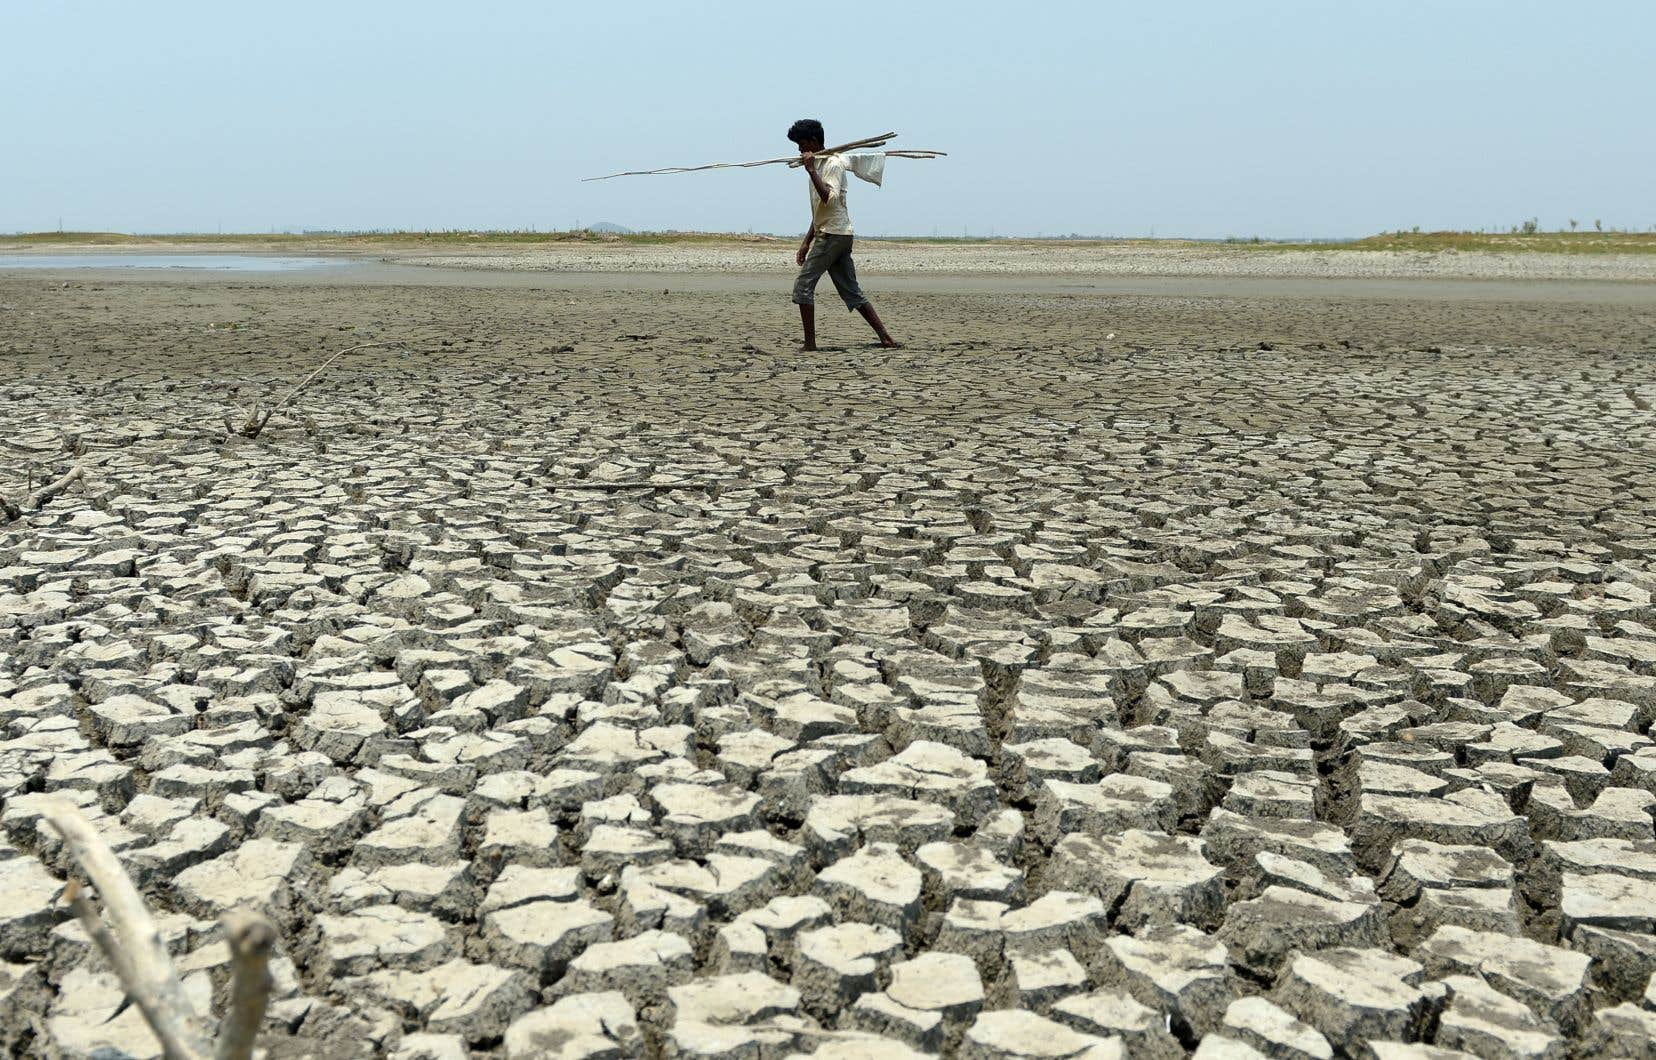 En cas de réchauffement de 1,5°C, «76% des pays étudiés enregistreraient une augmentation plus faible de leur vulnérabilité à l'insécurité alimentaire».